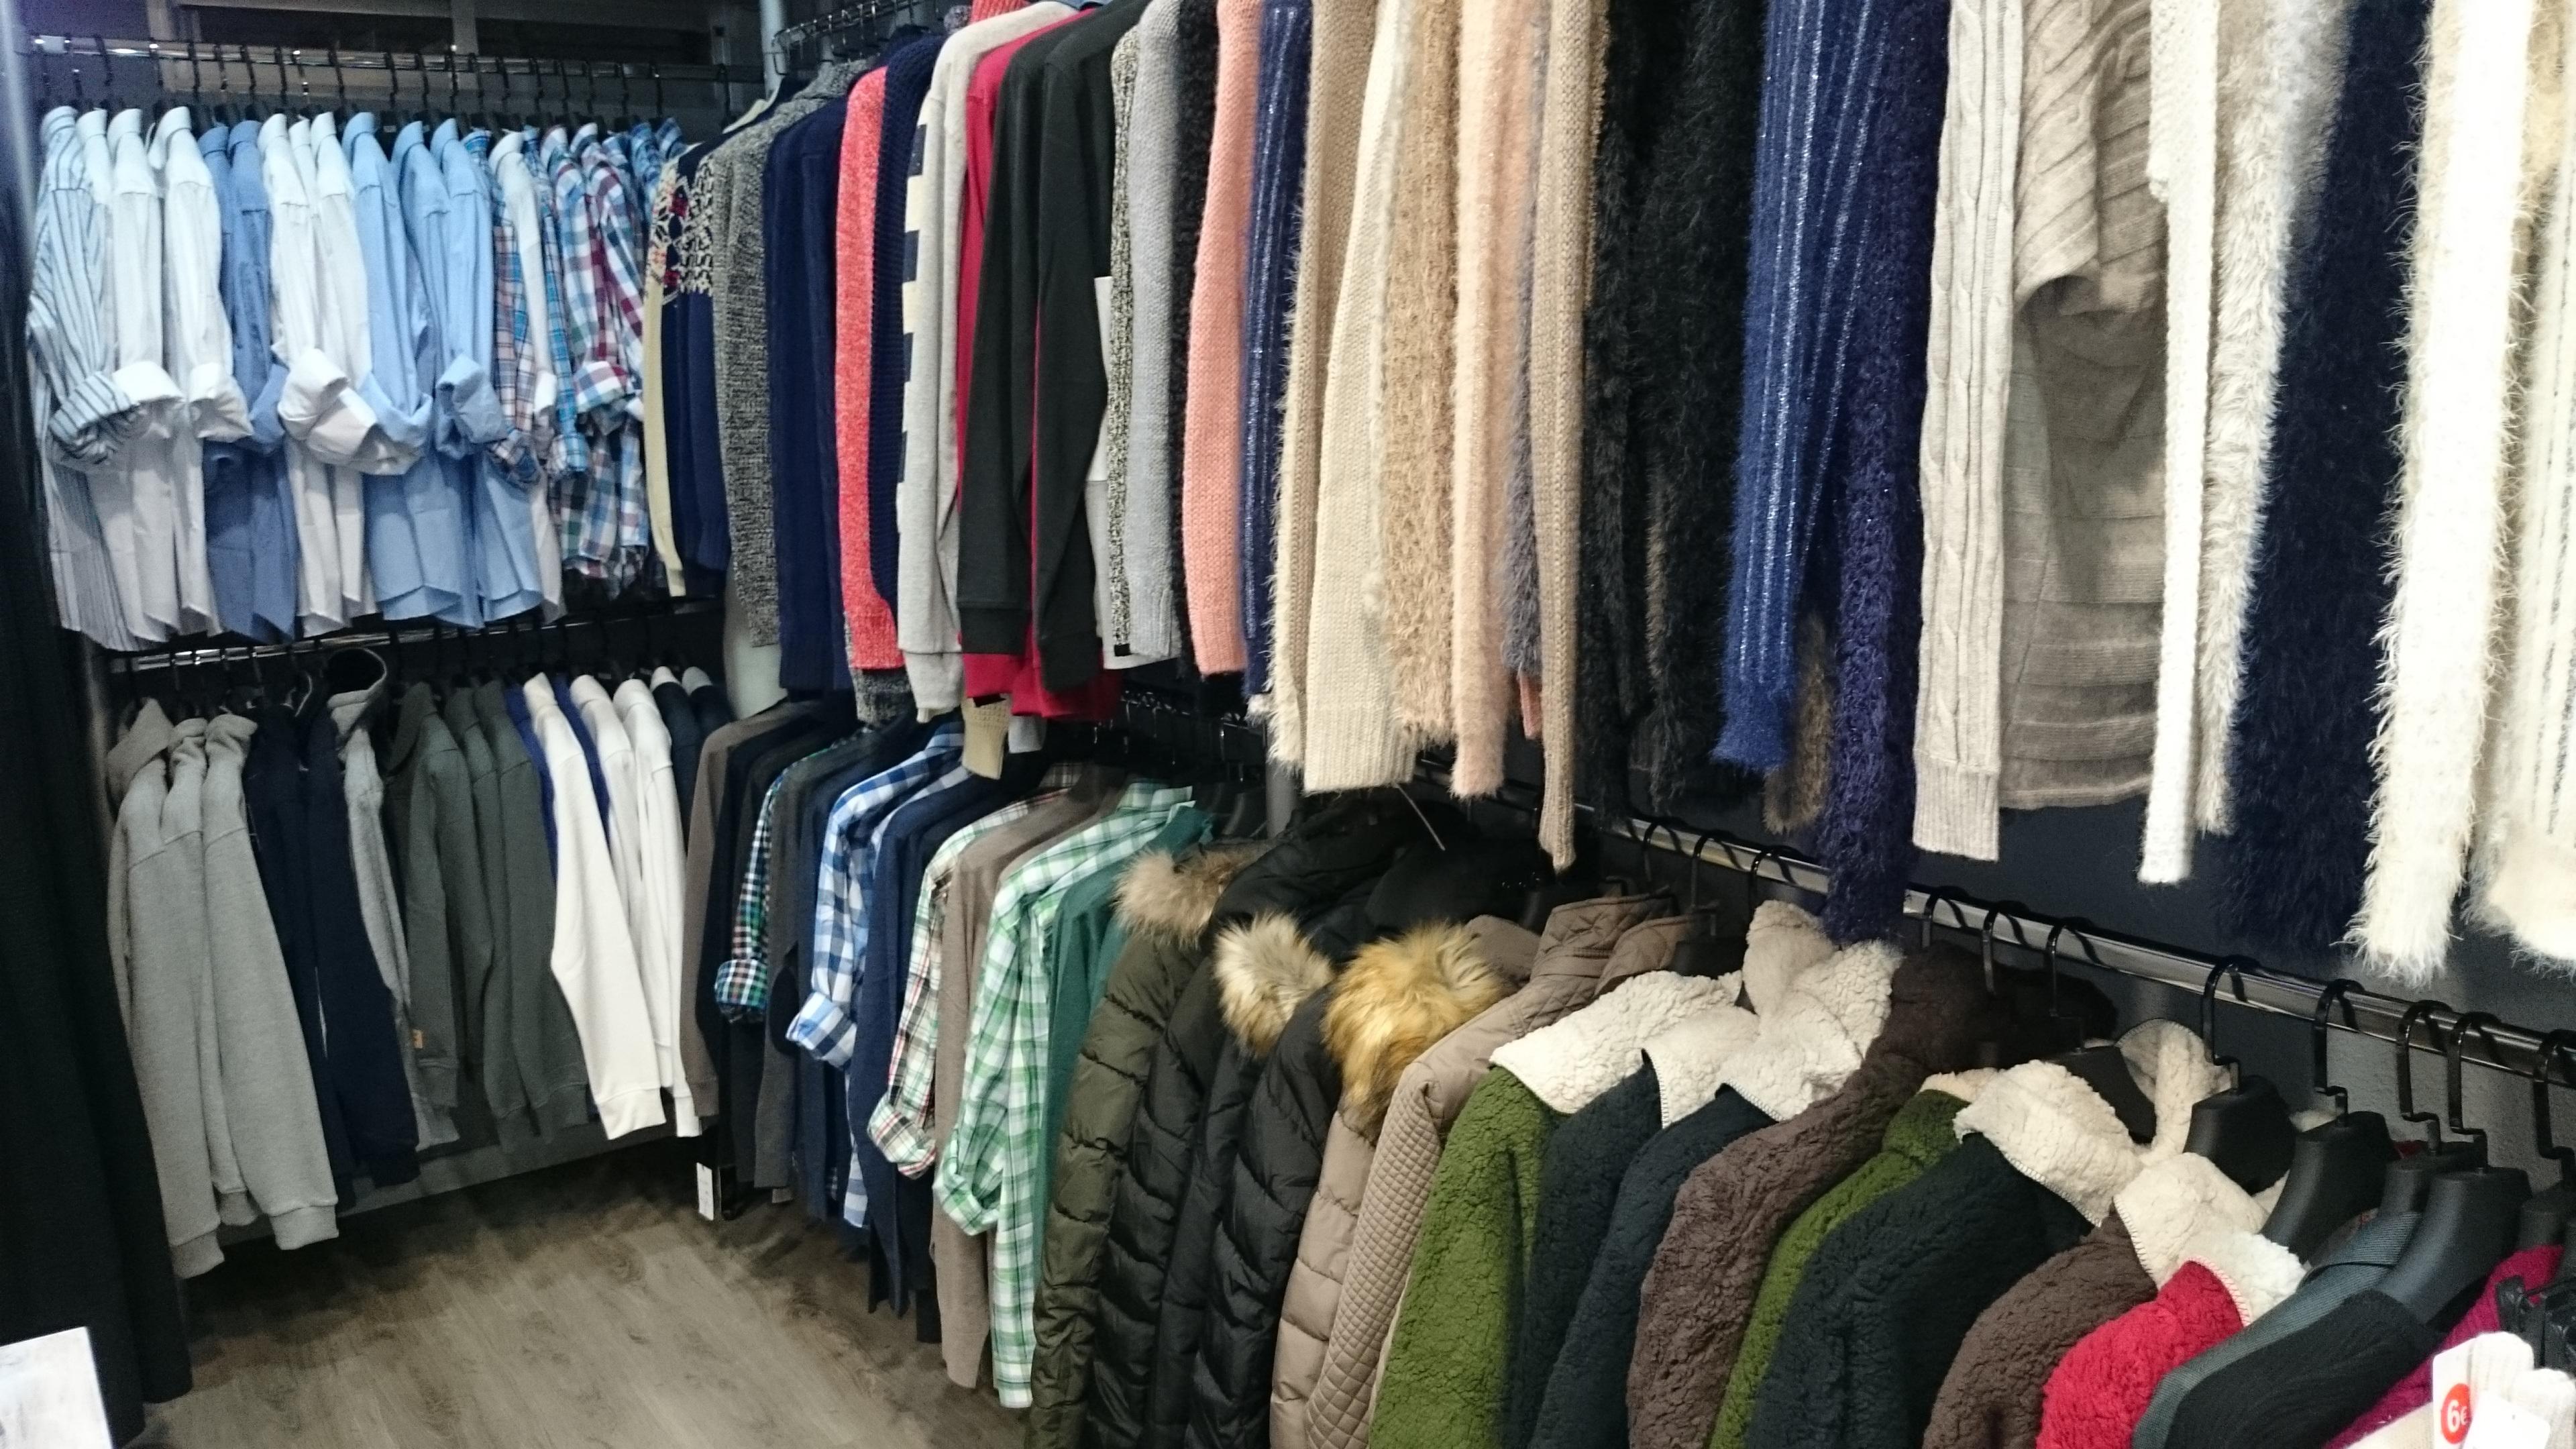 Shop Clothing Room Boutique Closet Textile Discounts